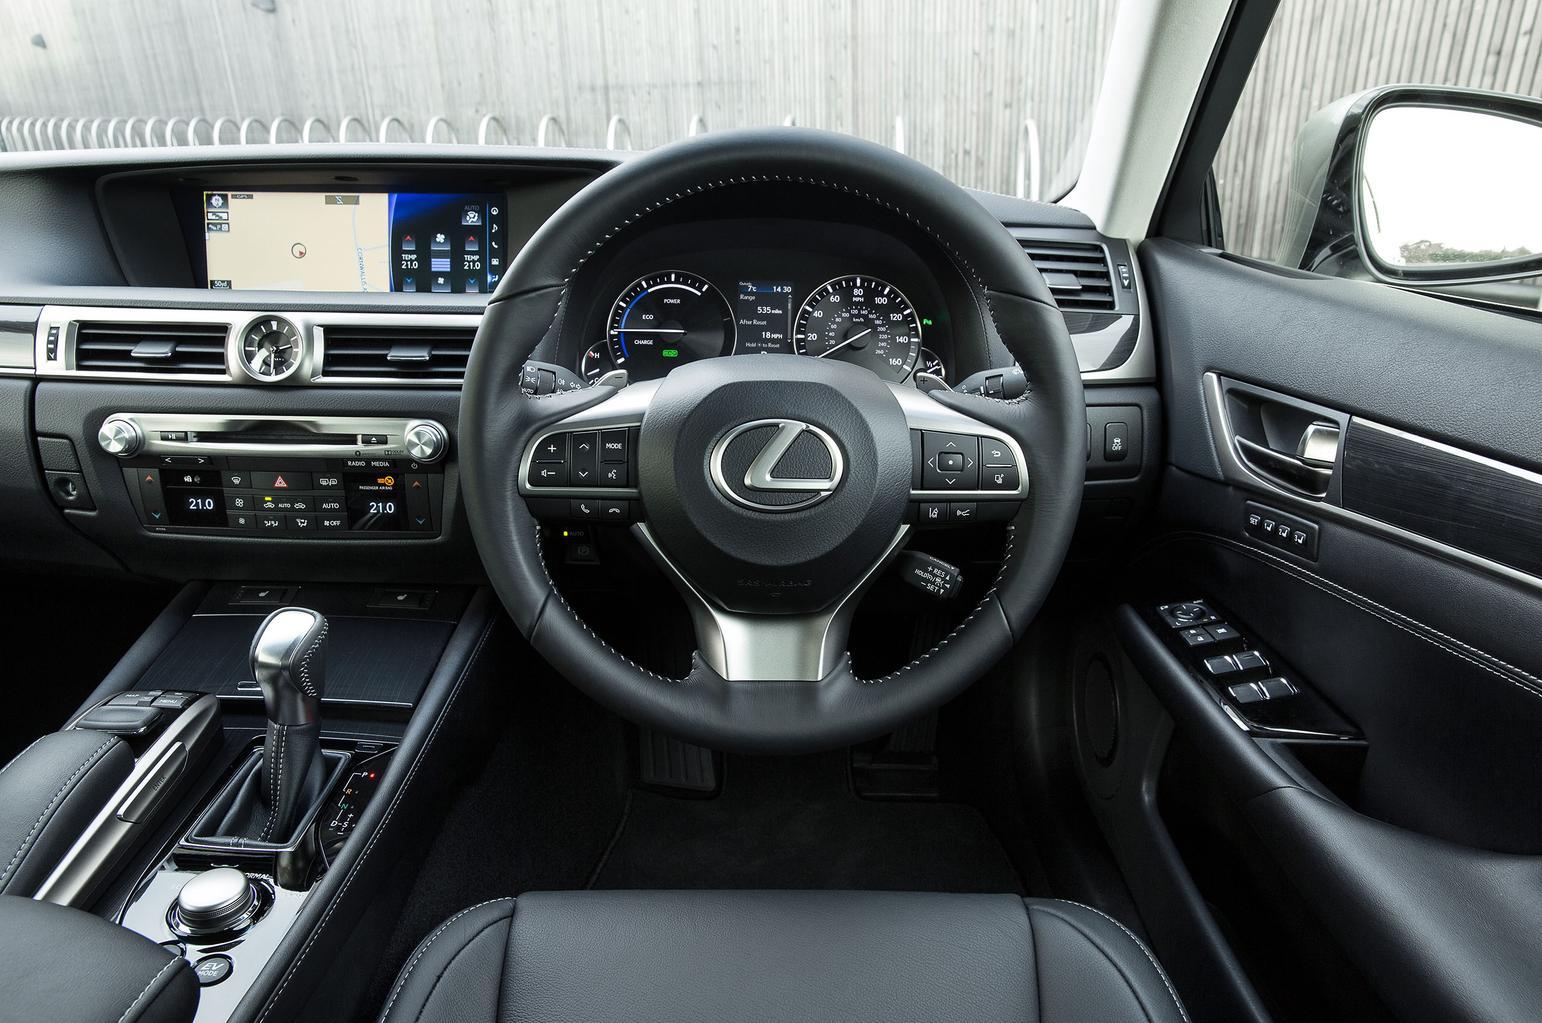 2016 Lexus GS450h review